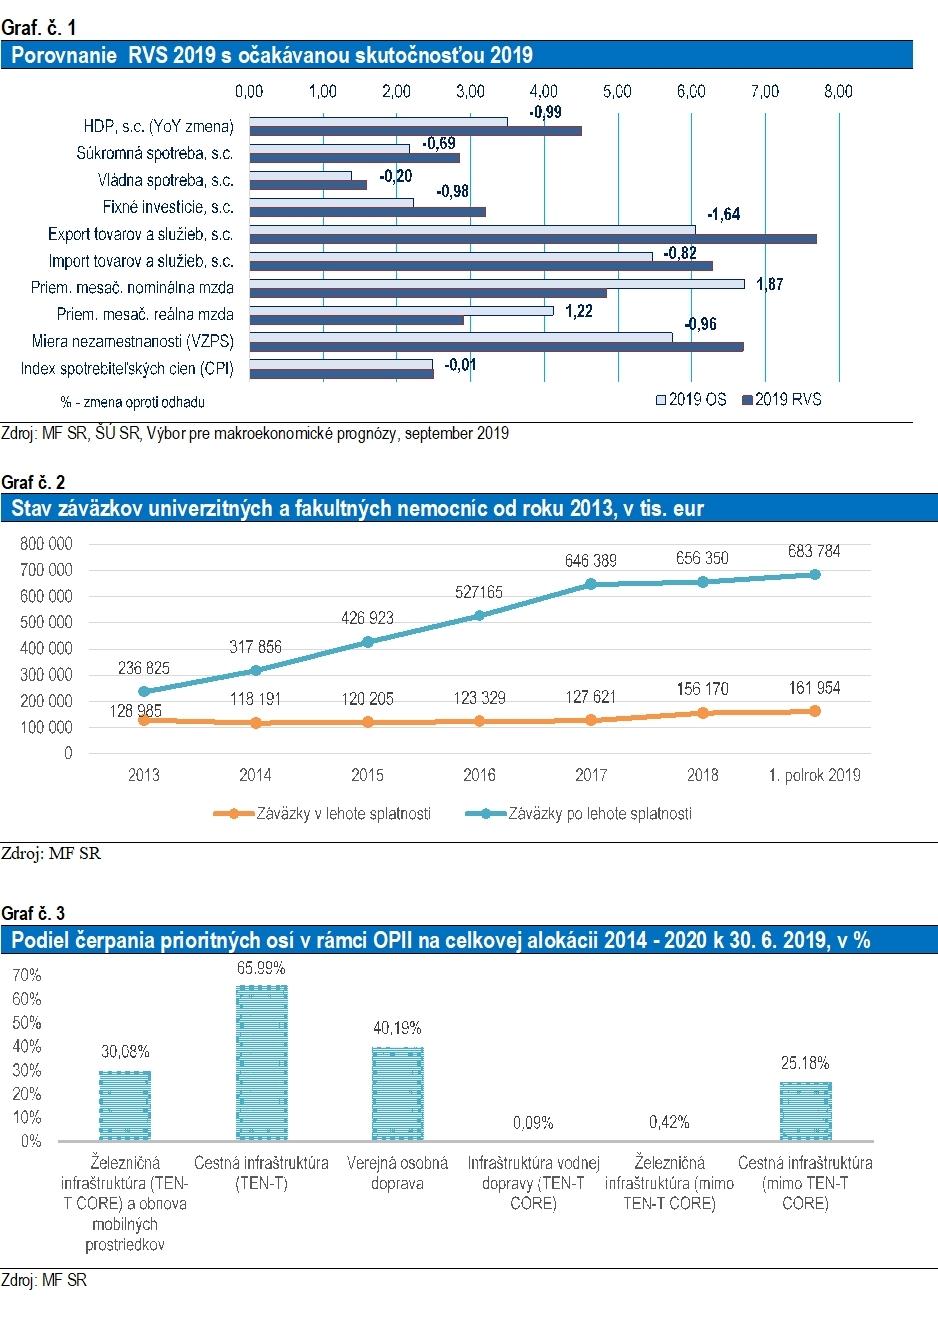 grafy - vývoj rozpočtu 2019